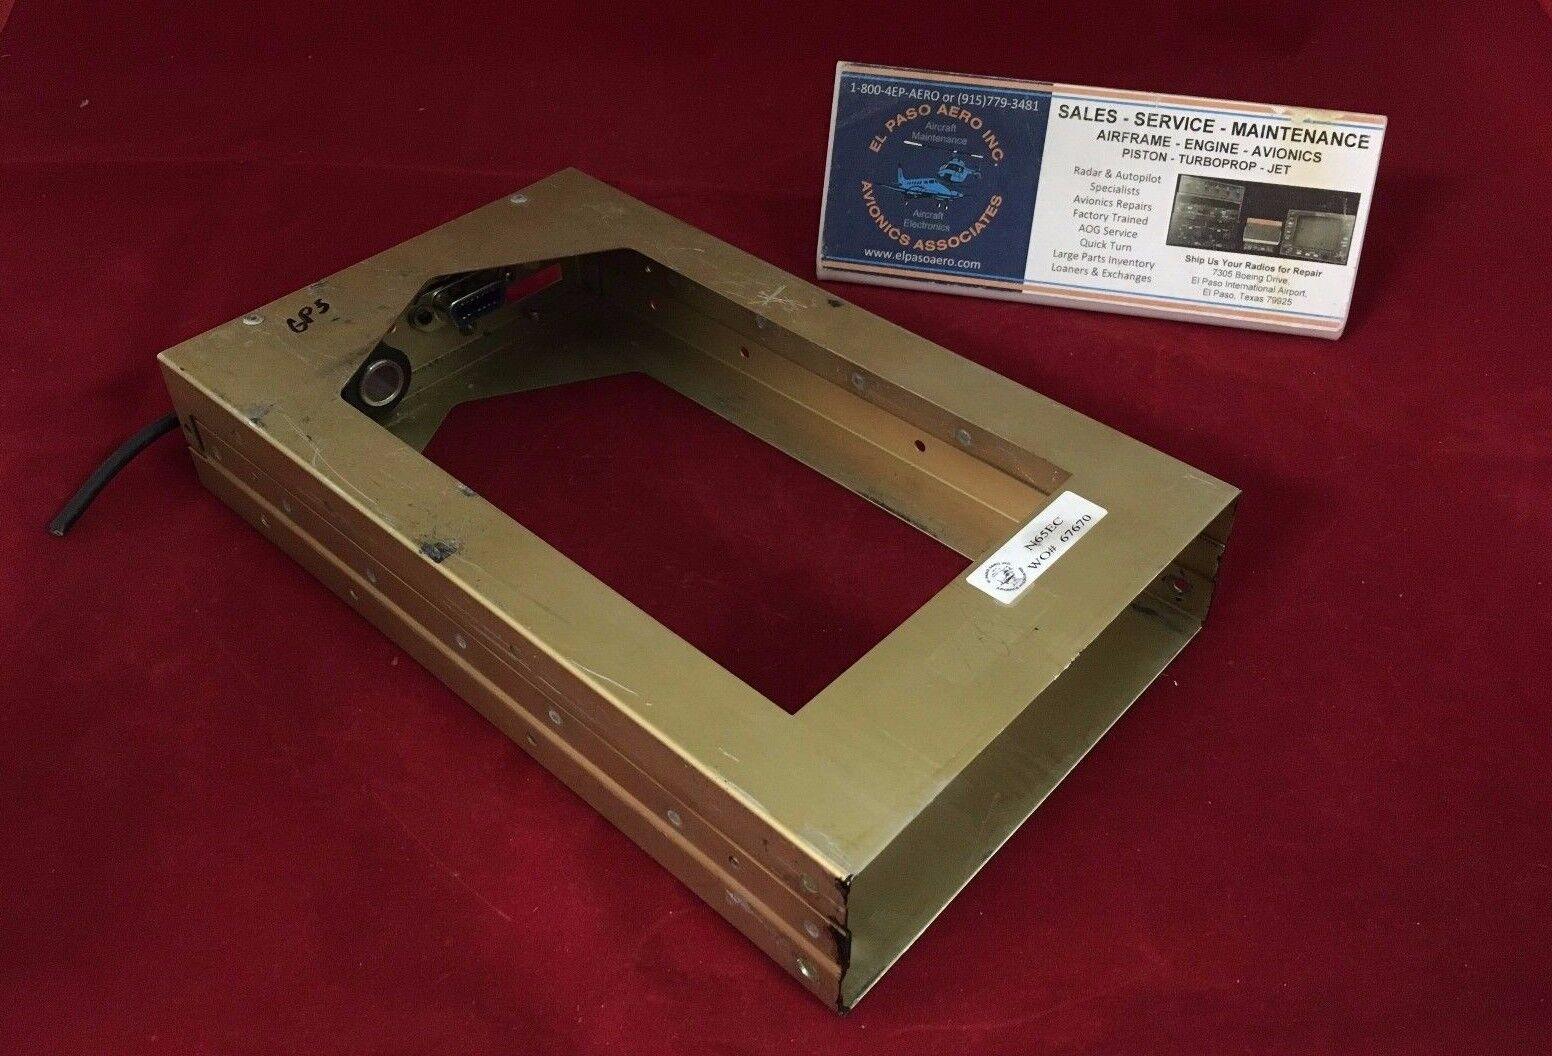 Apollo 820 GPS Tray and Connectors $100